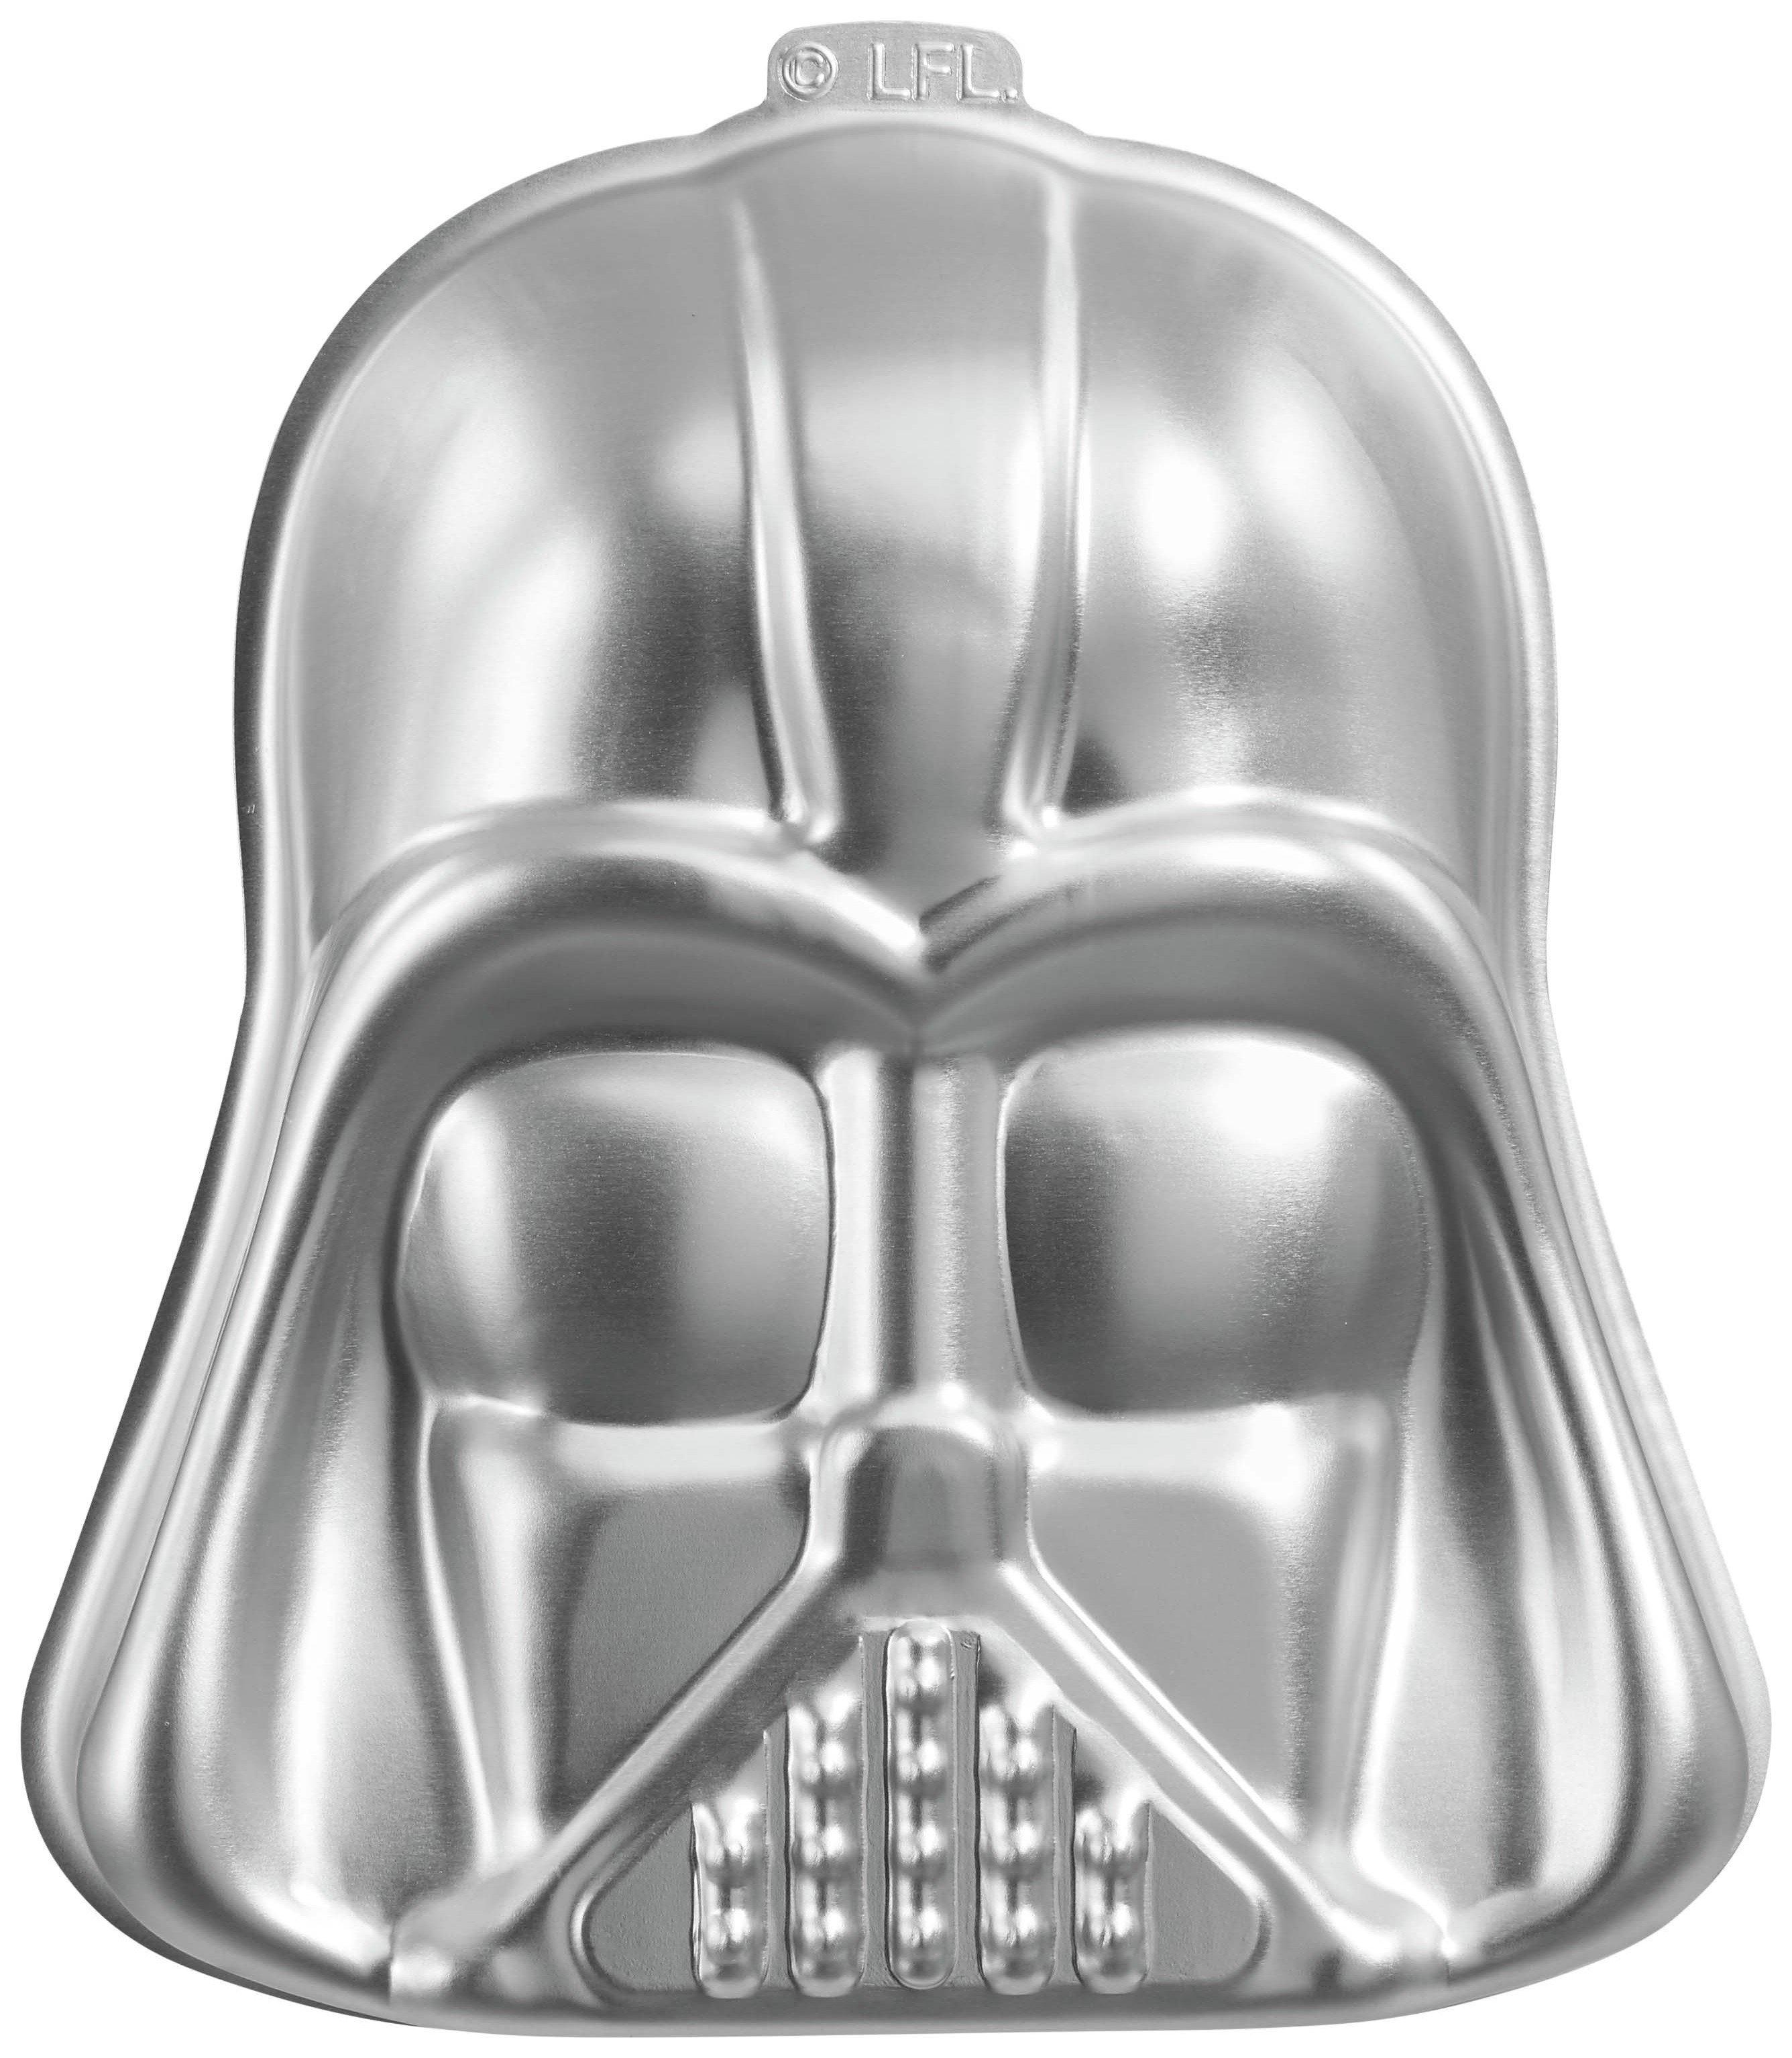 Star Wars Darth Vader Metal Cake Mould